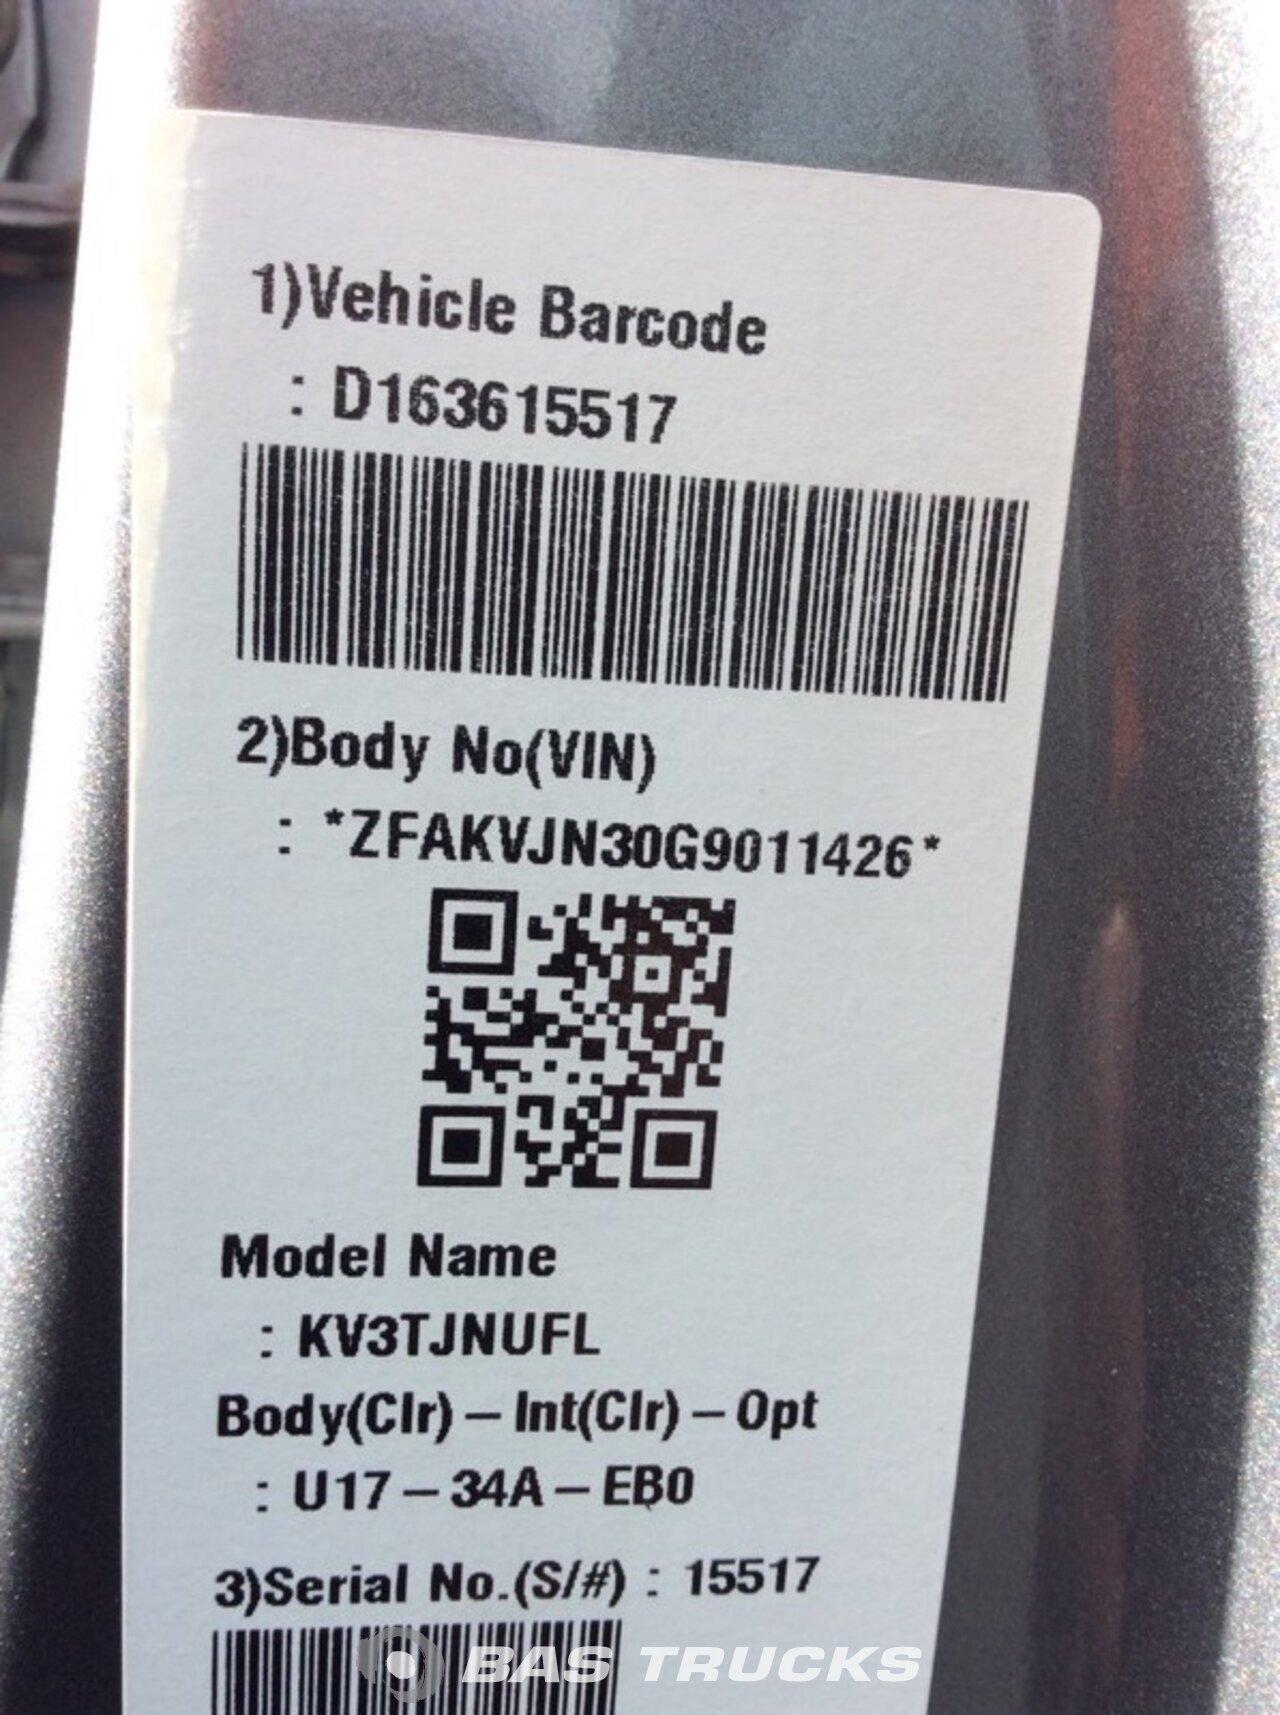 Fiat Fullback Construction equipment €0 - BAS Trucks